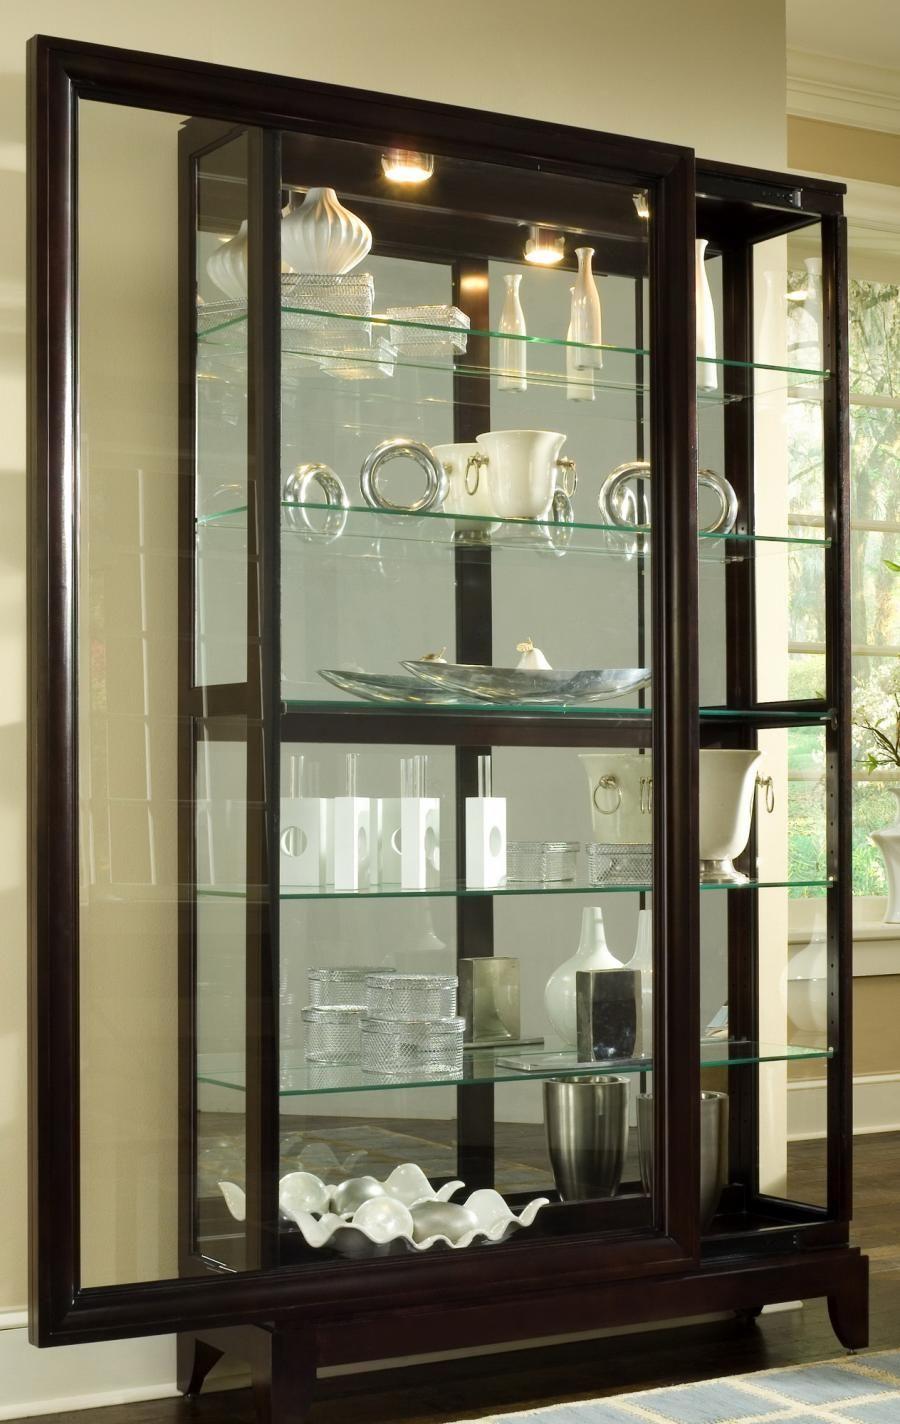 Clockway Pulaski Bradford Deluxe Two Way Sliding Door Curio Cabinet Chocolate Cherry Jpk3060 Furniture Pulaski Furniture Curio Cabinet